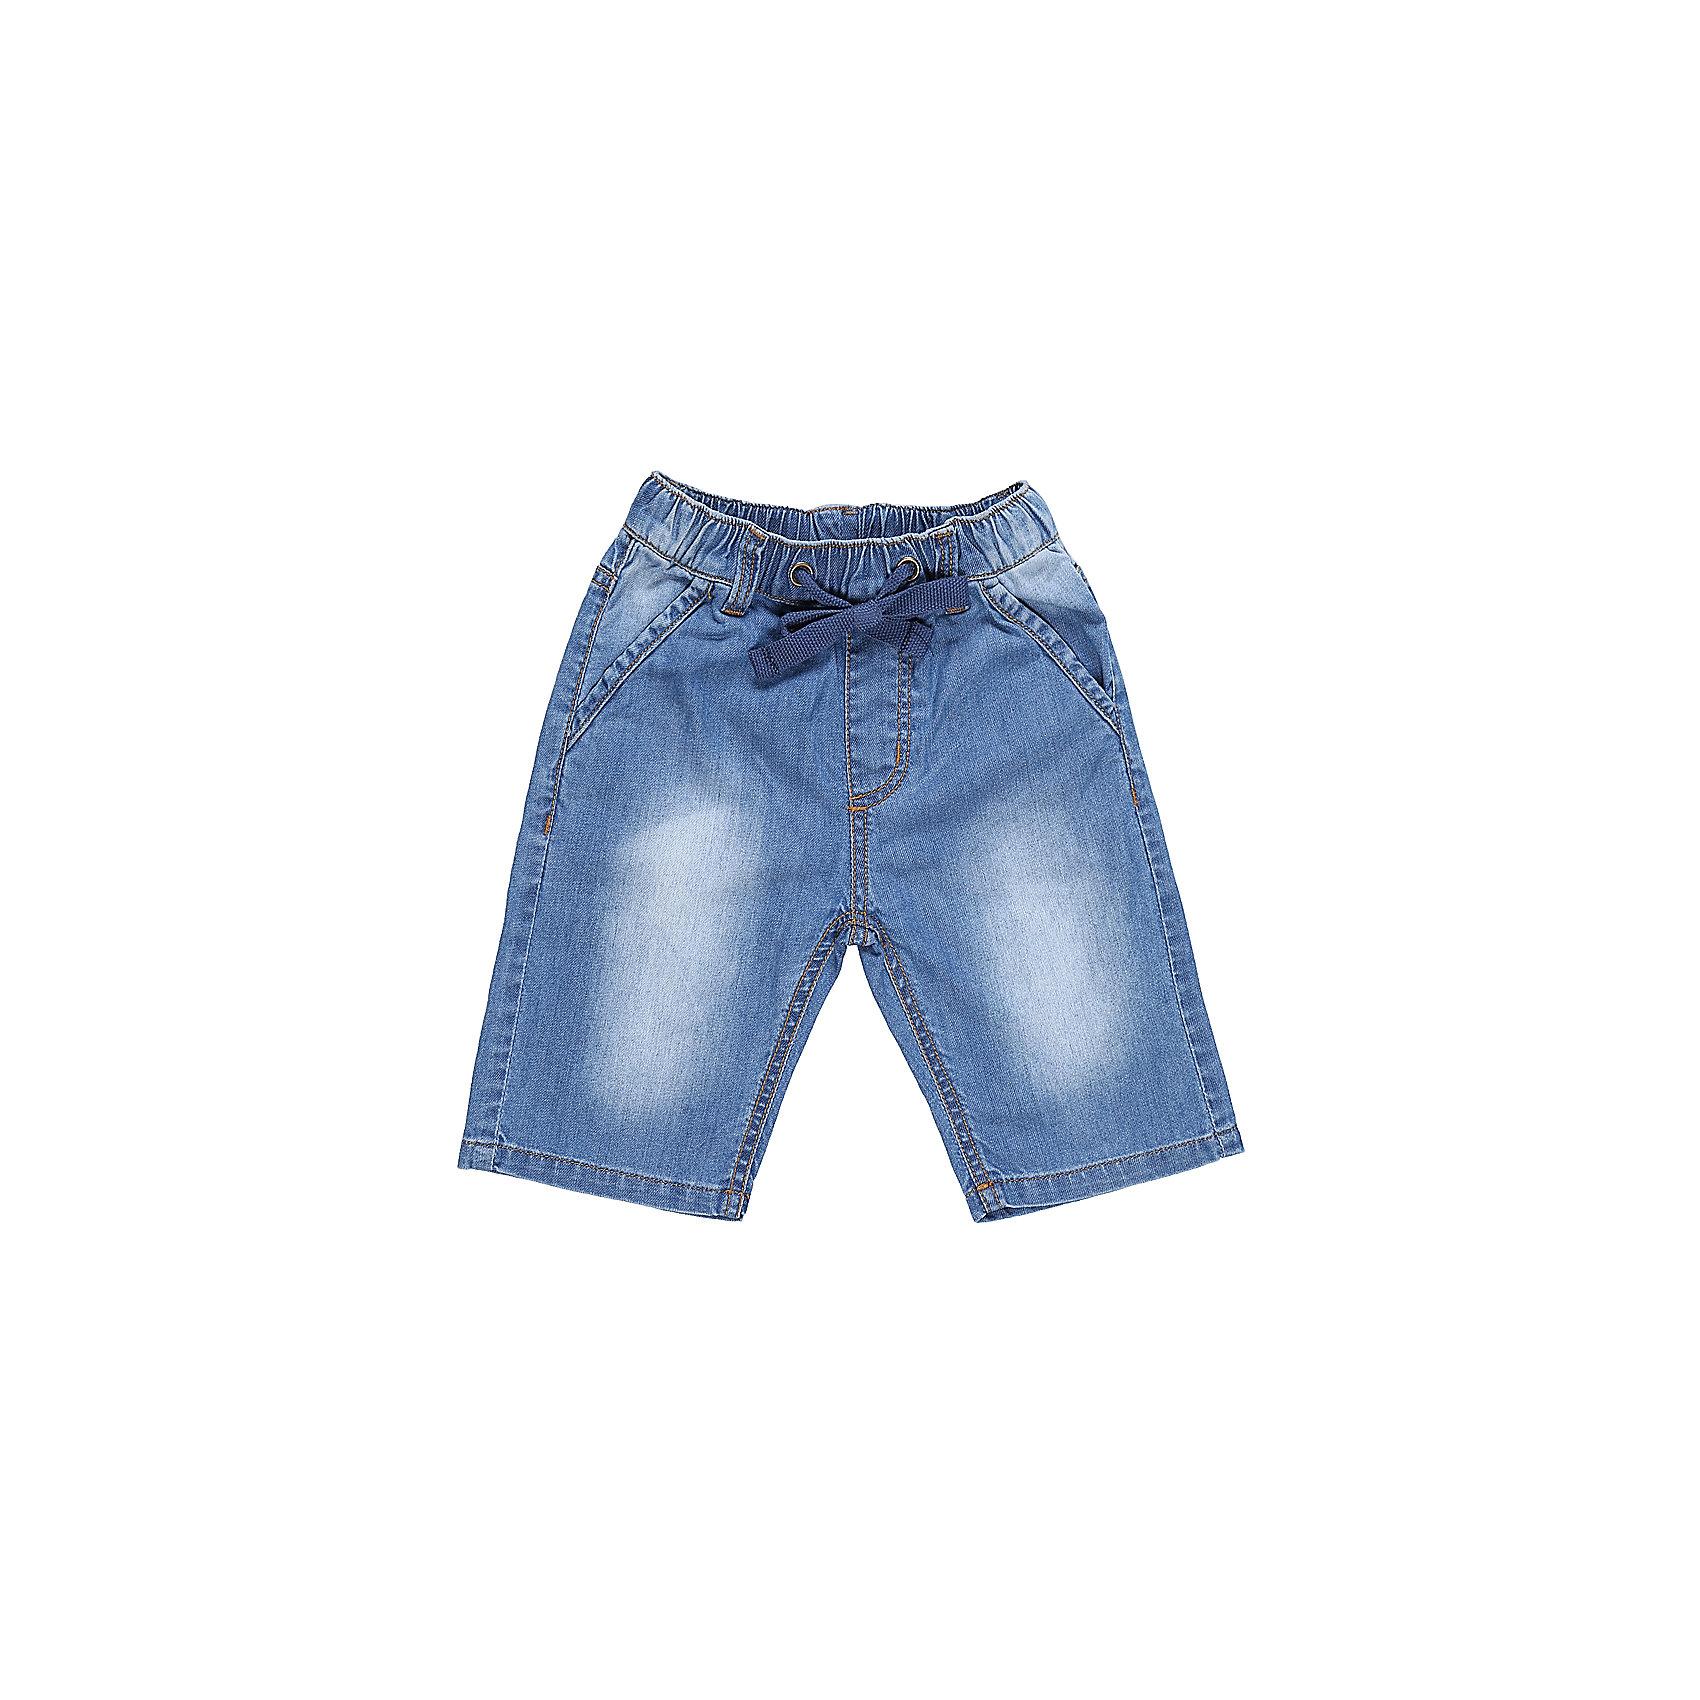 Шорты джинсовые для мальчика Sweet BerryШорты и бриджи<br>Джинсовые шорты для мальчика.Спереди два прорезных кармана. Пояс-резинка дополнен шнуром для регулирования объема.<br>Состав:<br>100%хлопок<br><br>Ширина мм: 191<br>Глубина мм: 10<br>Высота мм: 175<br>Вес г: 273<br>Цвет: голубой<br>Возраст от месяцев: 12<br>Возраст до месяцев: 15<br>Пол: Мужской<br>Возраст: Детский<br>Размер: 86,92,98,80<br>SKU: 5411620